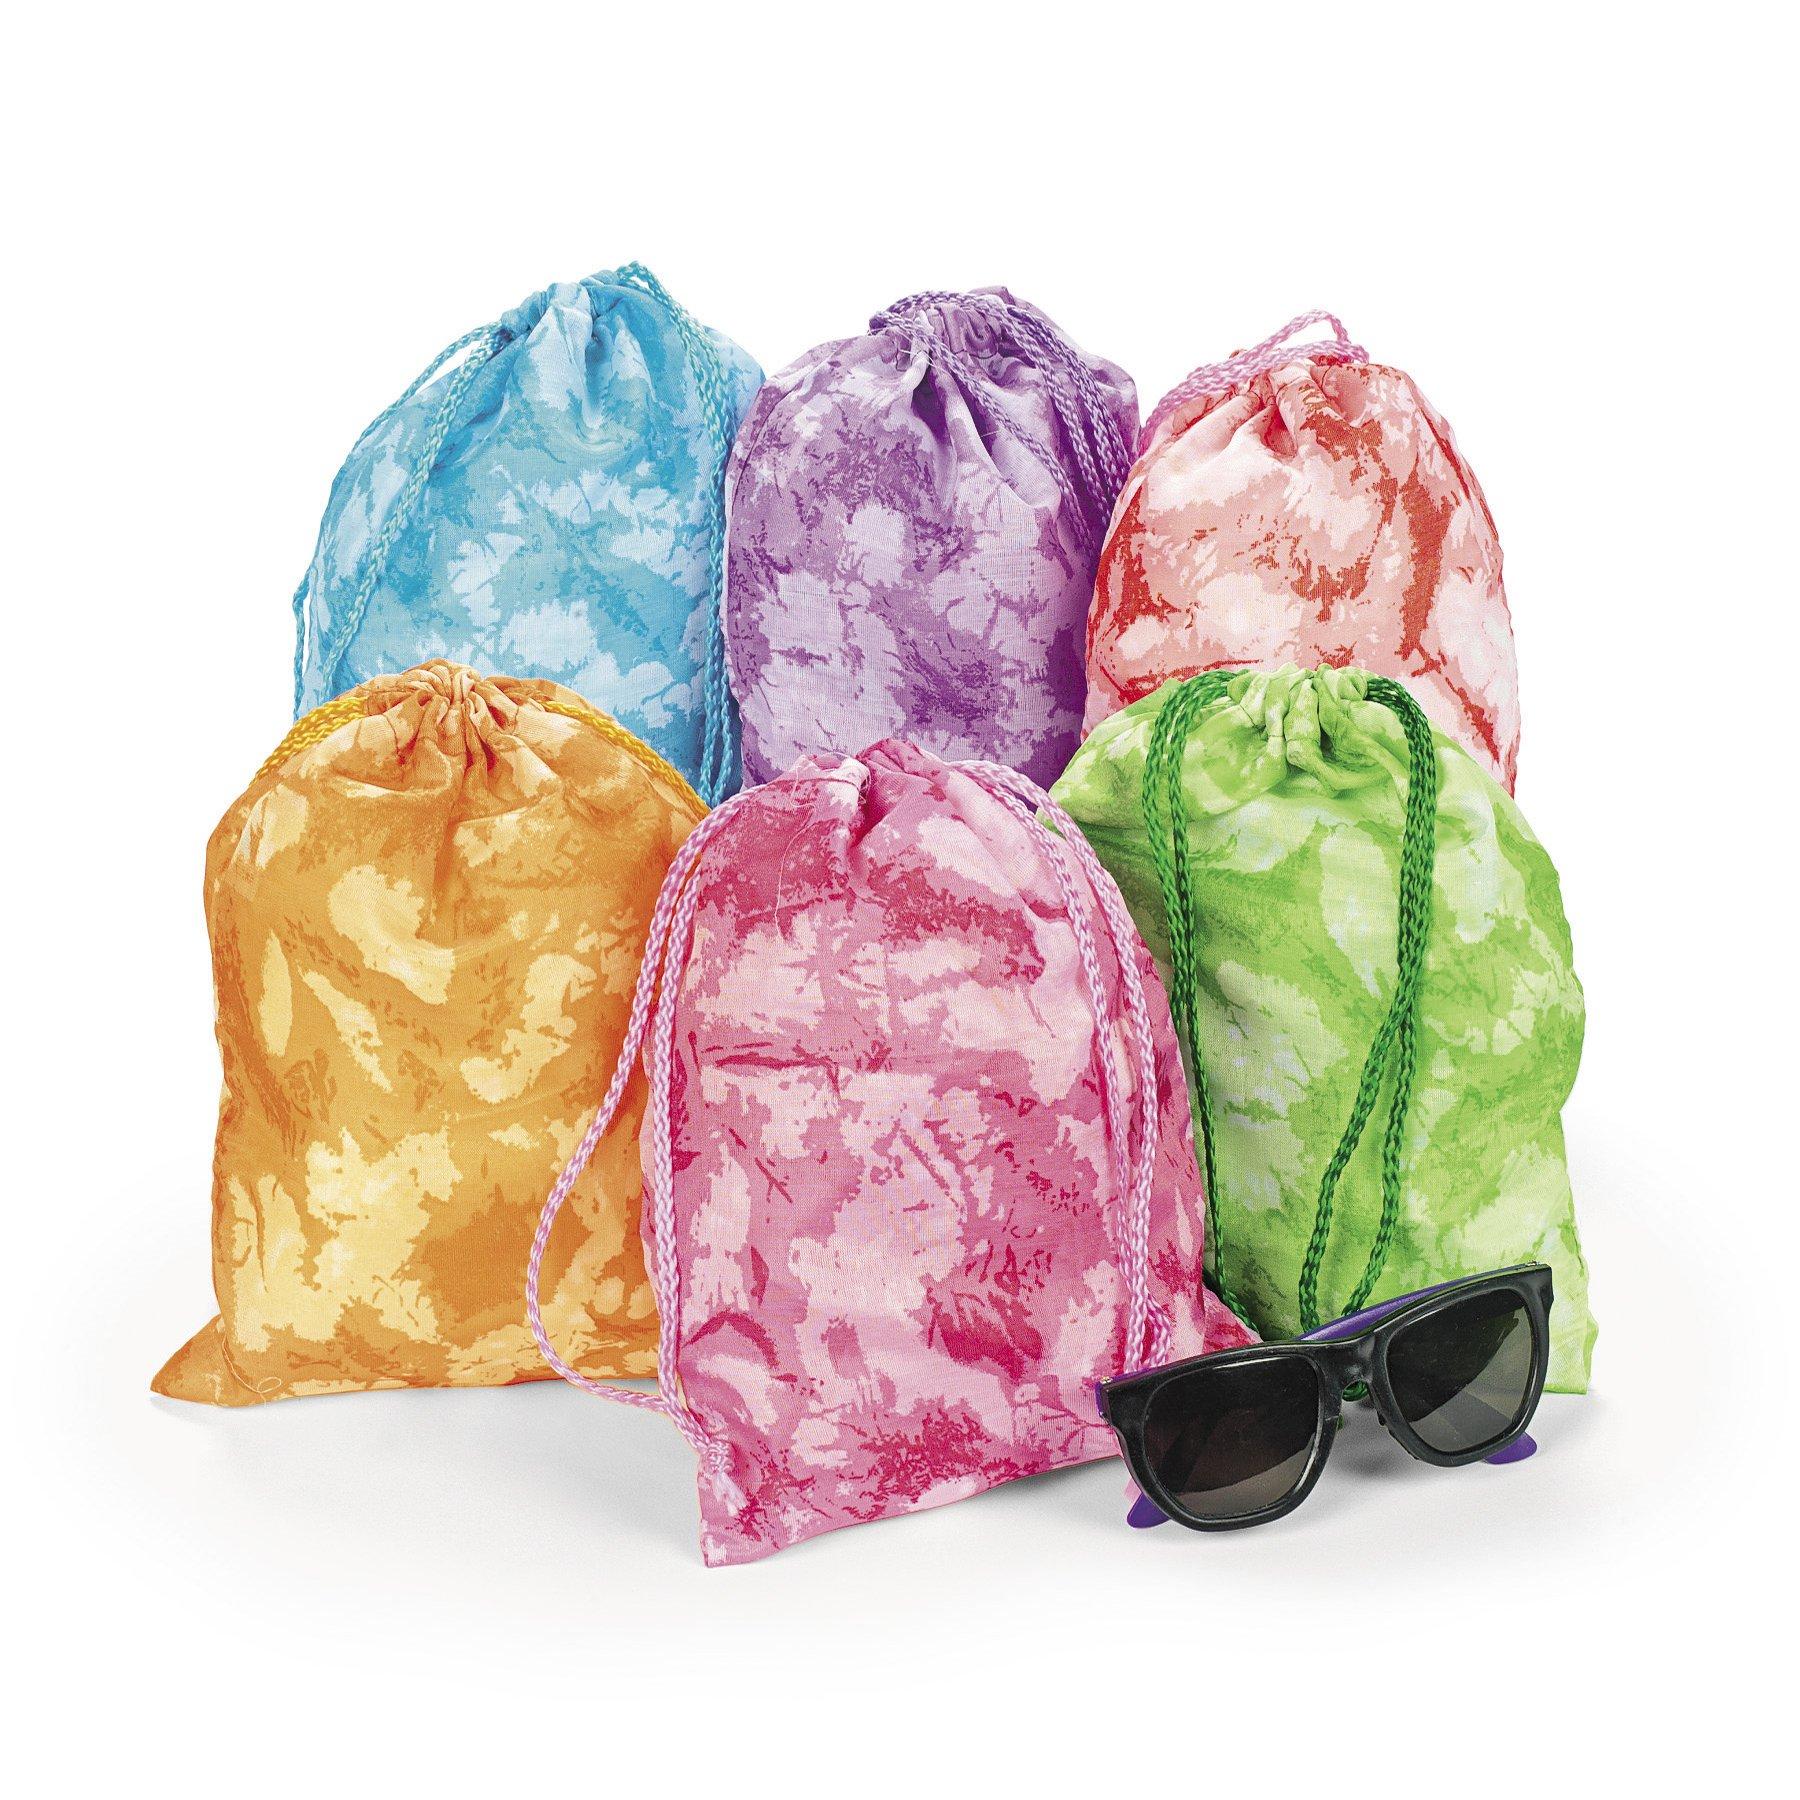 Fun Express 12 Tie-Dyed Drawstring Tote Bags